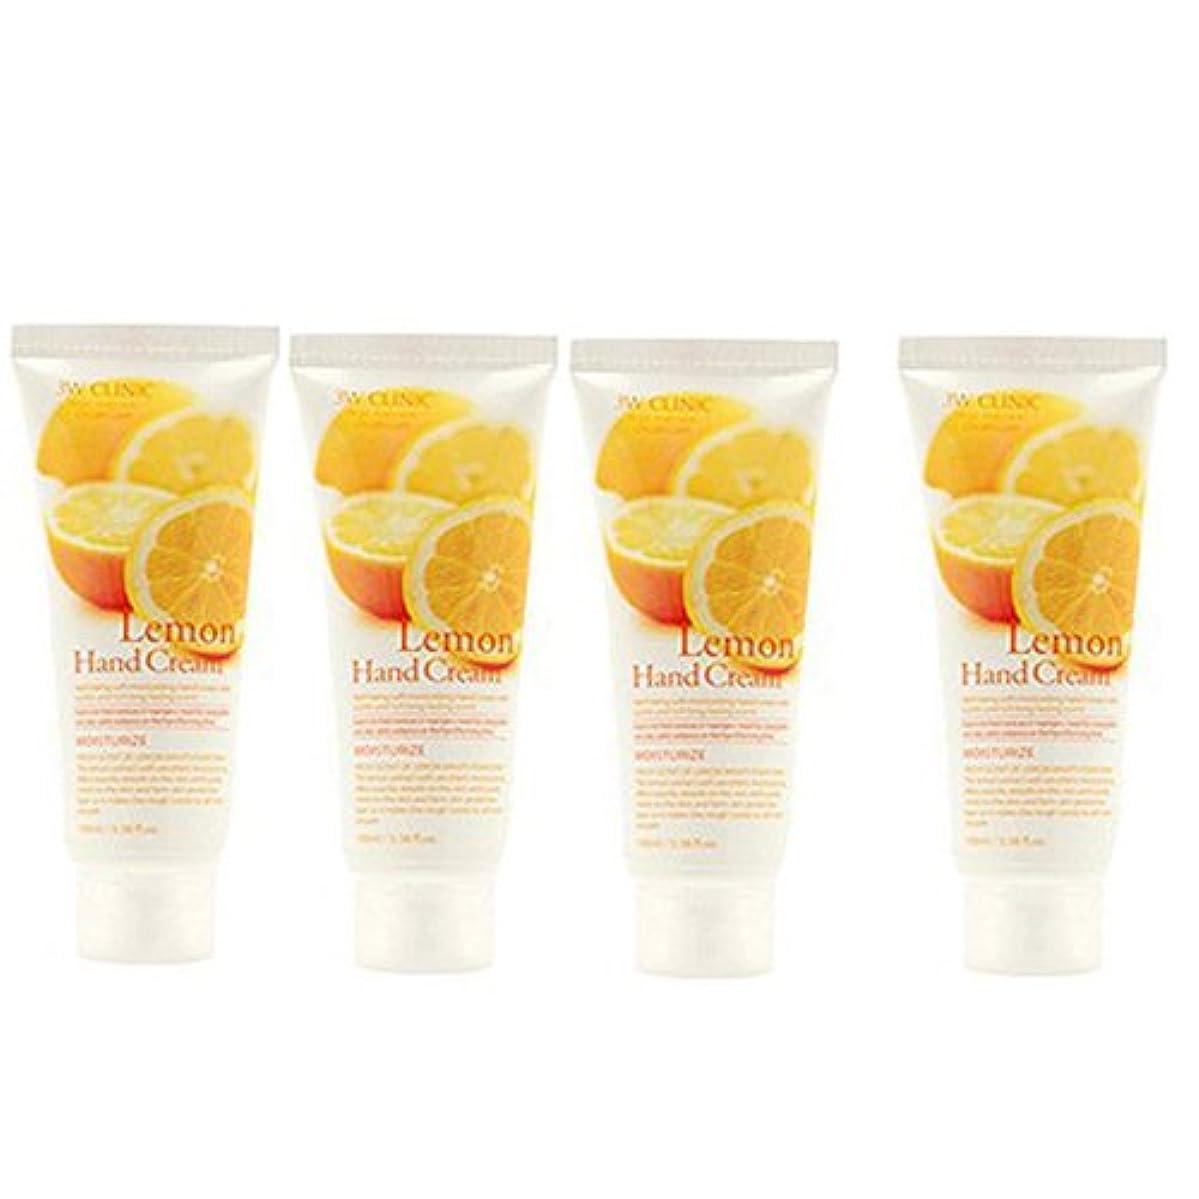 豊富スライスつまずく3w Clinic[韓国コスメARRAHAN]Moisturizing Lemon Hand Cream モイスチャーリングレモンハンドクリーム100mlX4個 [並行輸入品]